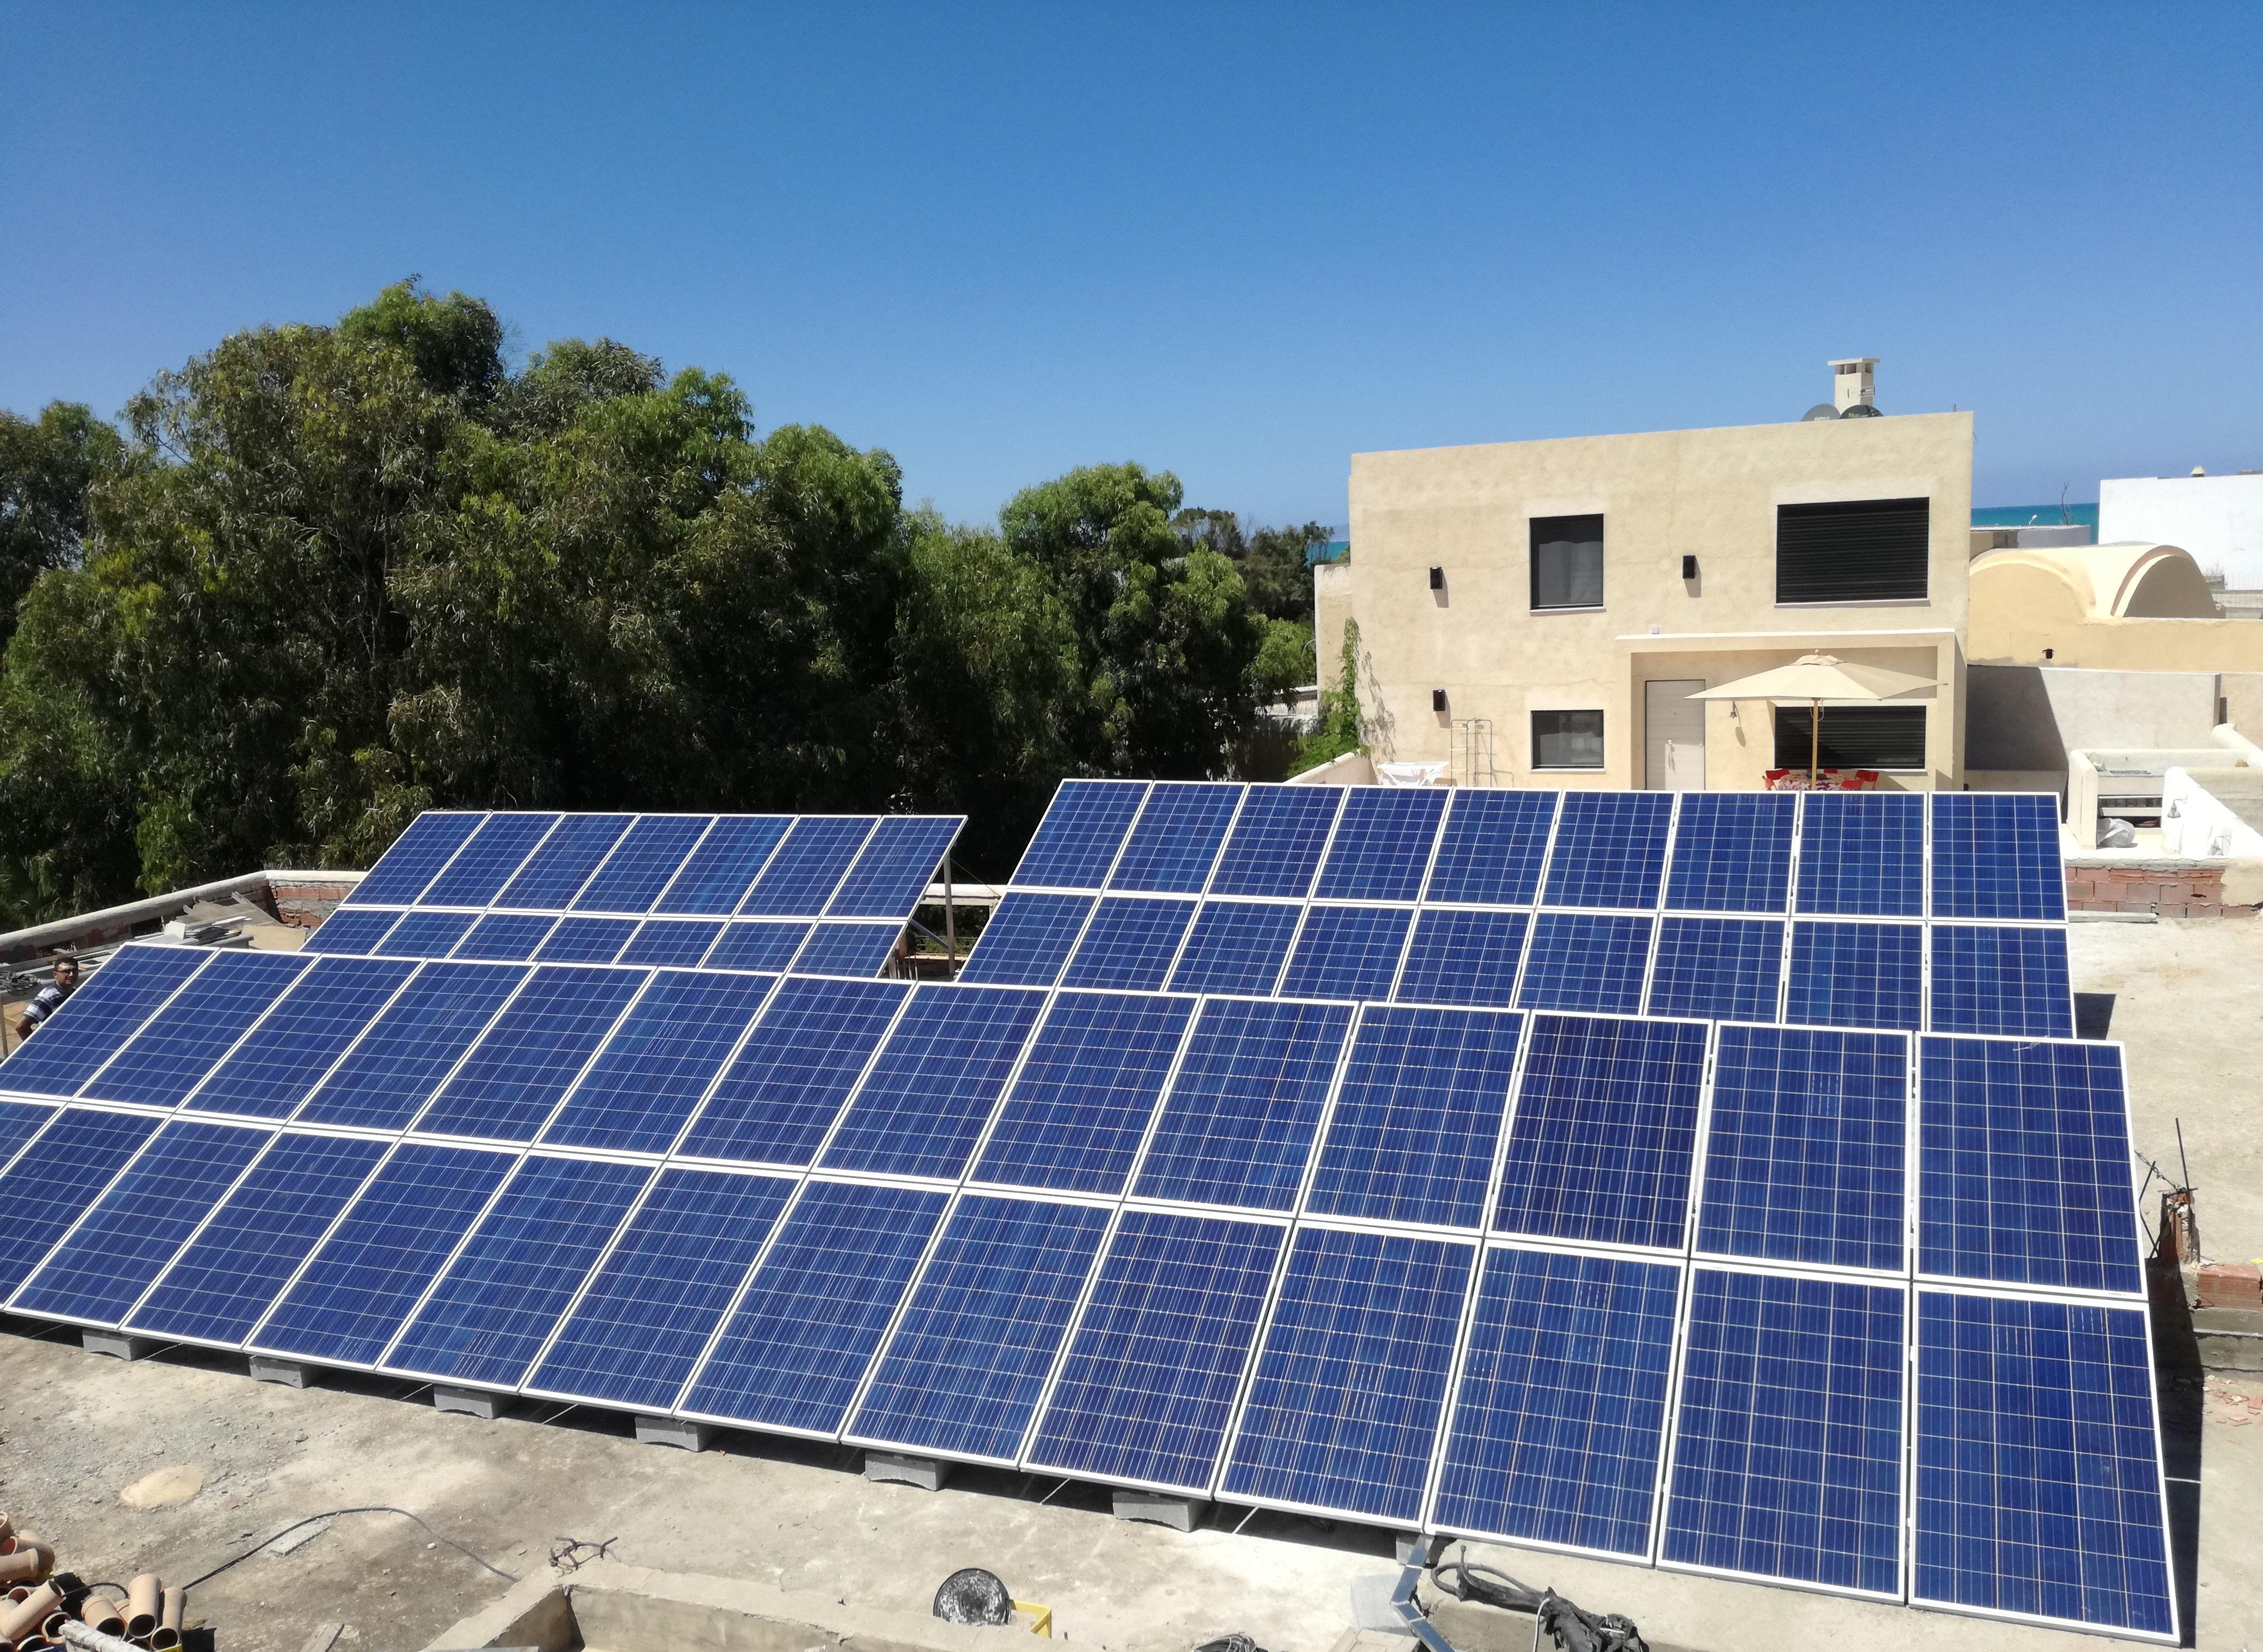 Installation photovoltaïque POMPAGE d'une puissance 15.Kwc ESPACE PODIUM GAMMARTH TUNISIE Societe SOLIDER